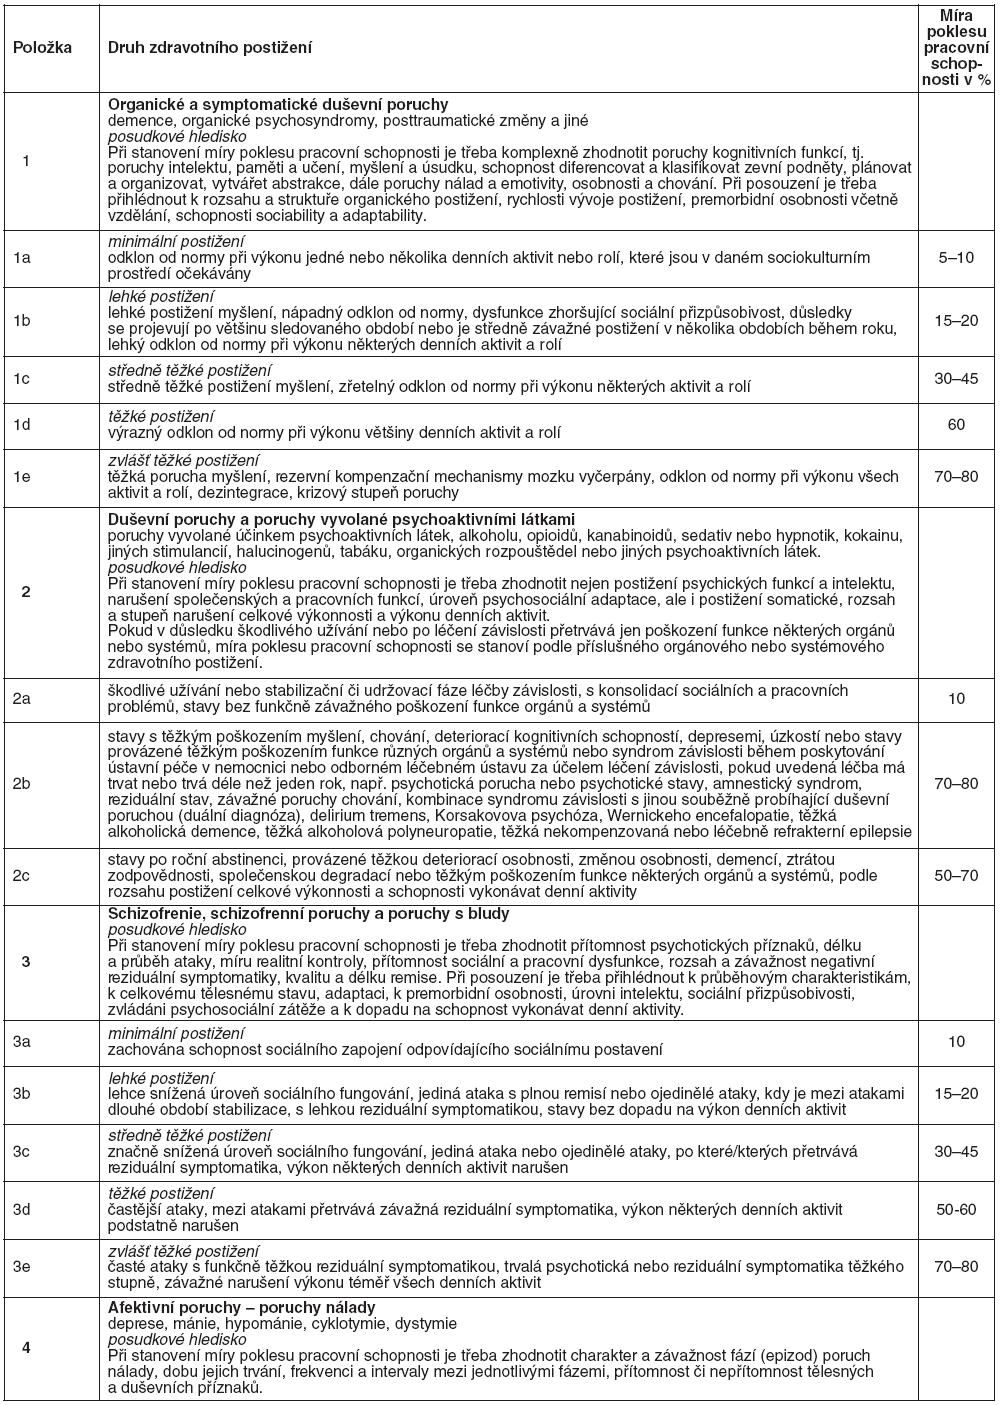 Návrh vyhlášky o posuzování invalidity – Kapitola V. Duševní poruchy a poruchy chování